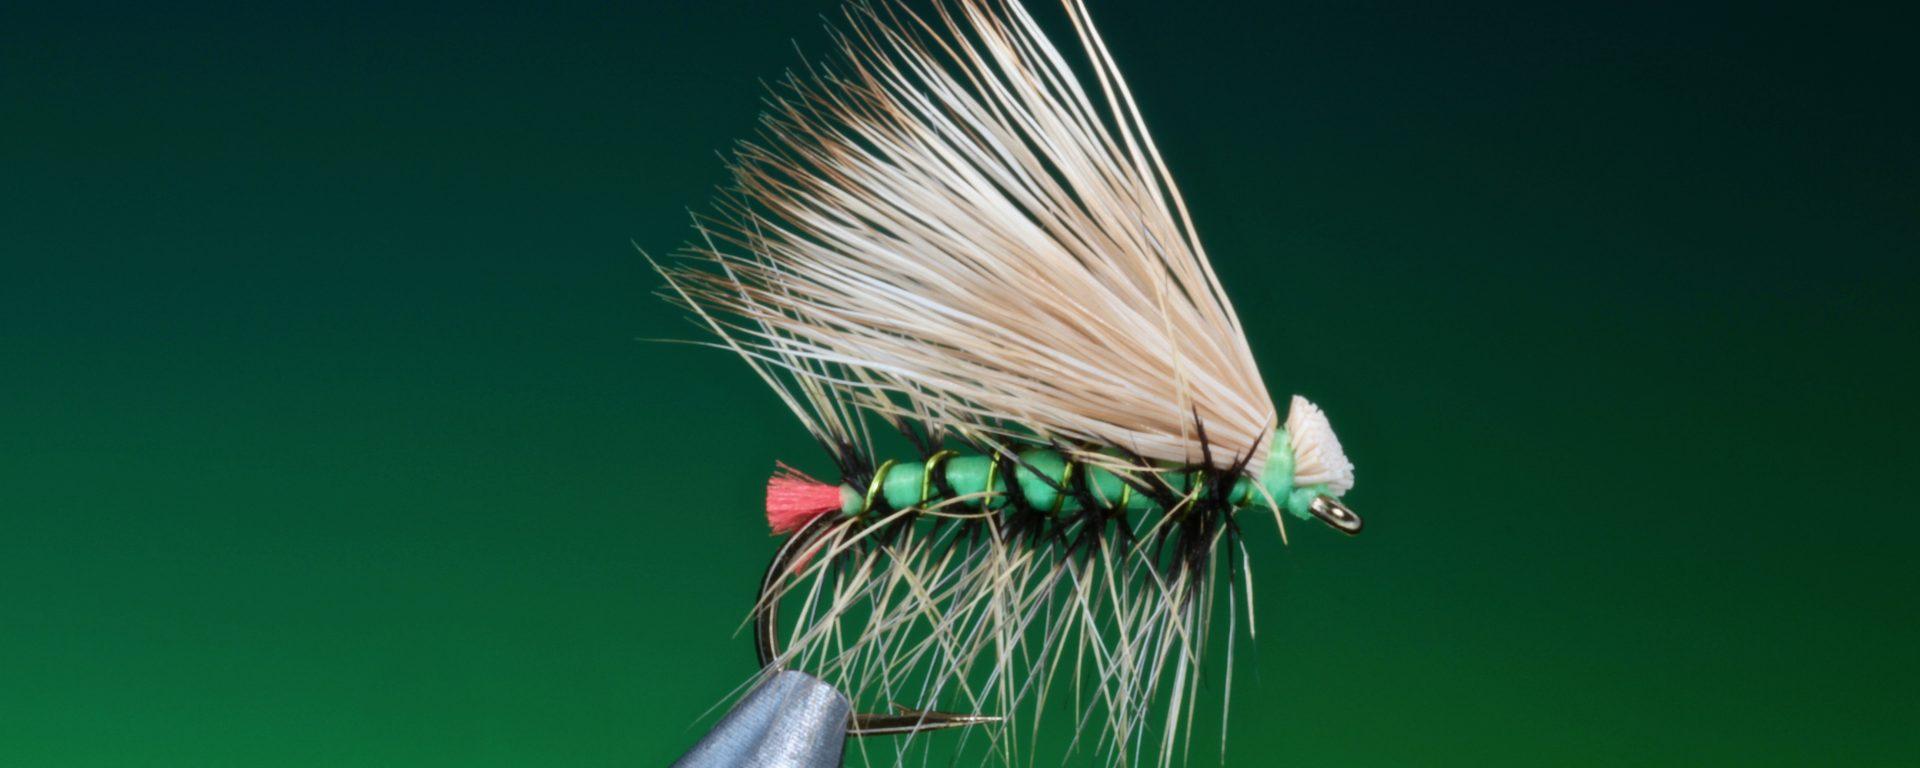 fly tying Hot Butt Caddis